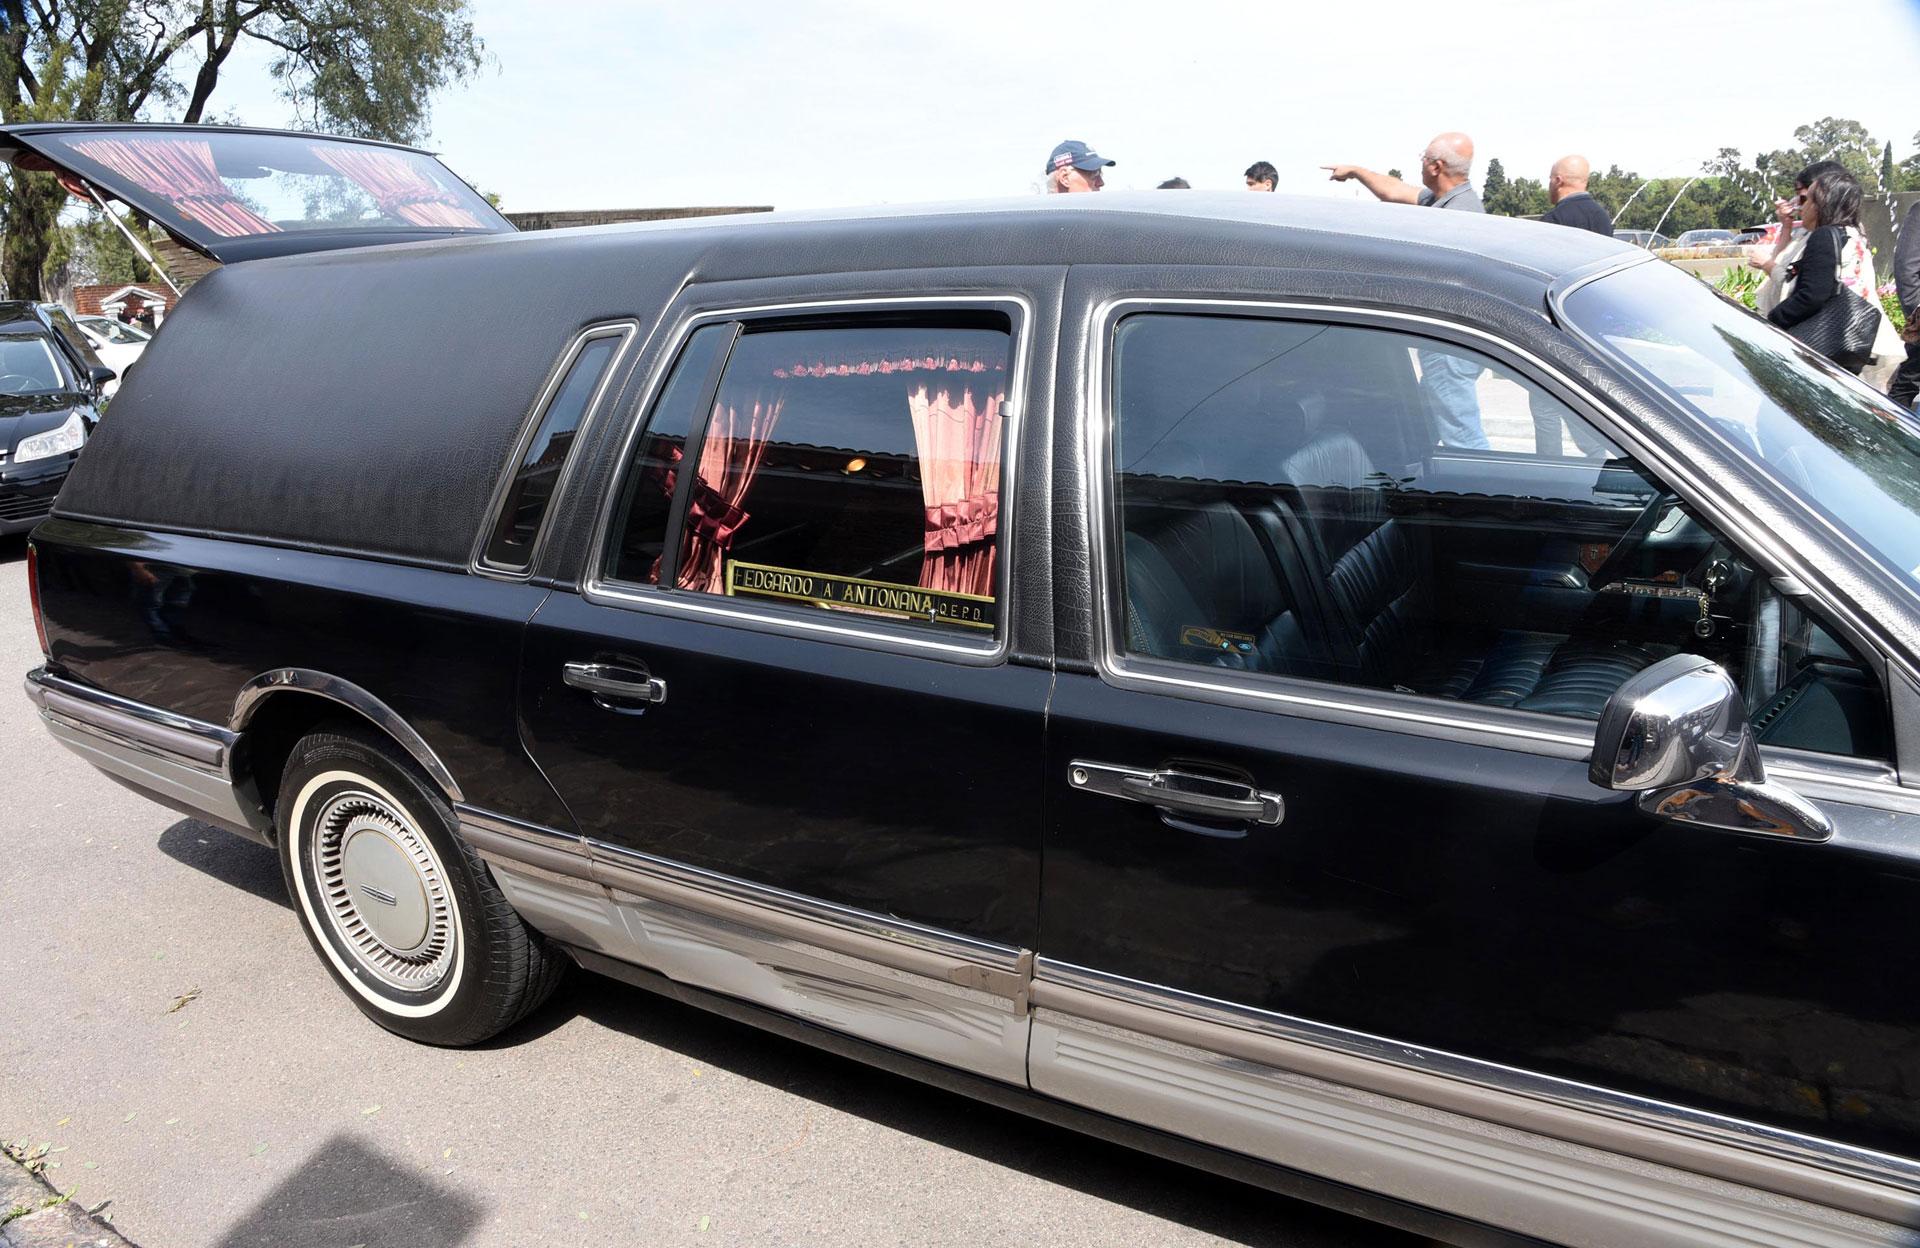 El último adiós a Edgardo Antoñana, rodeado de sus familiares y compañeros